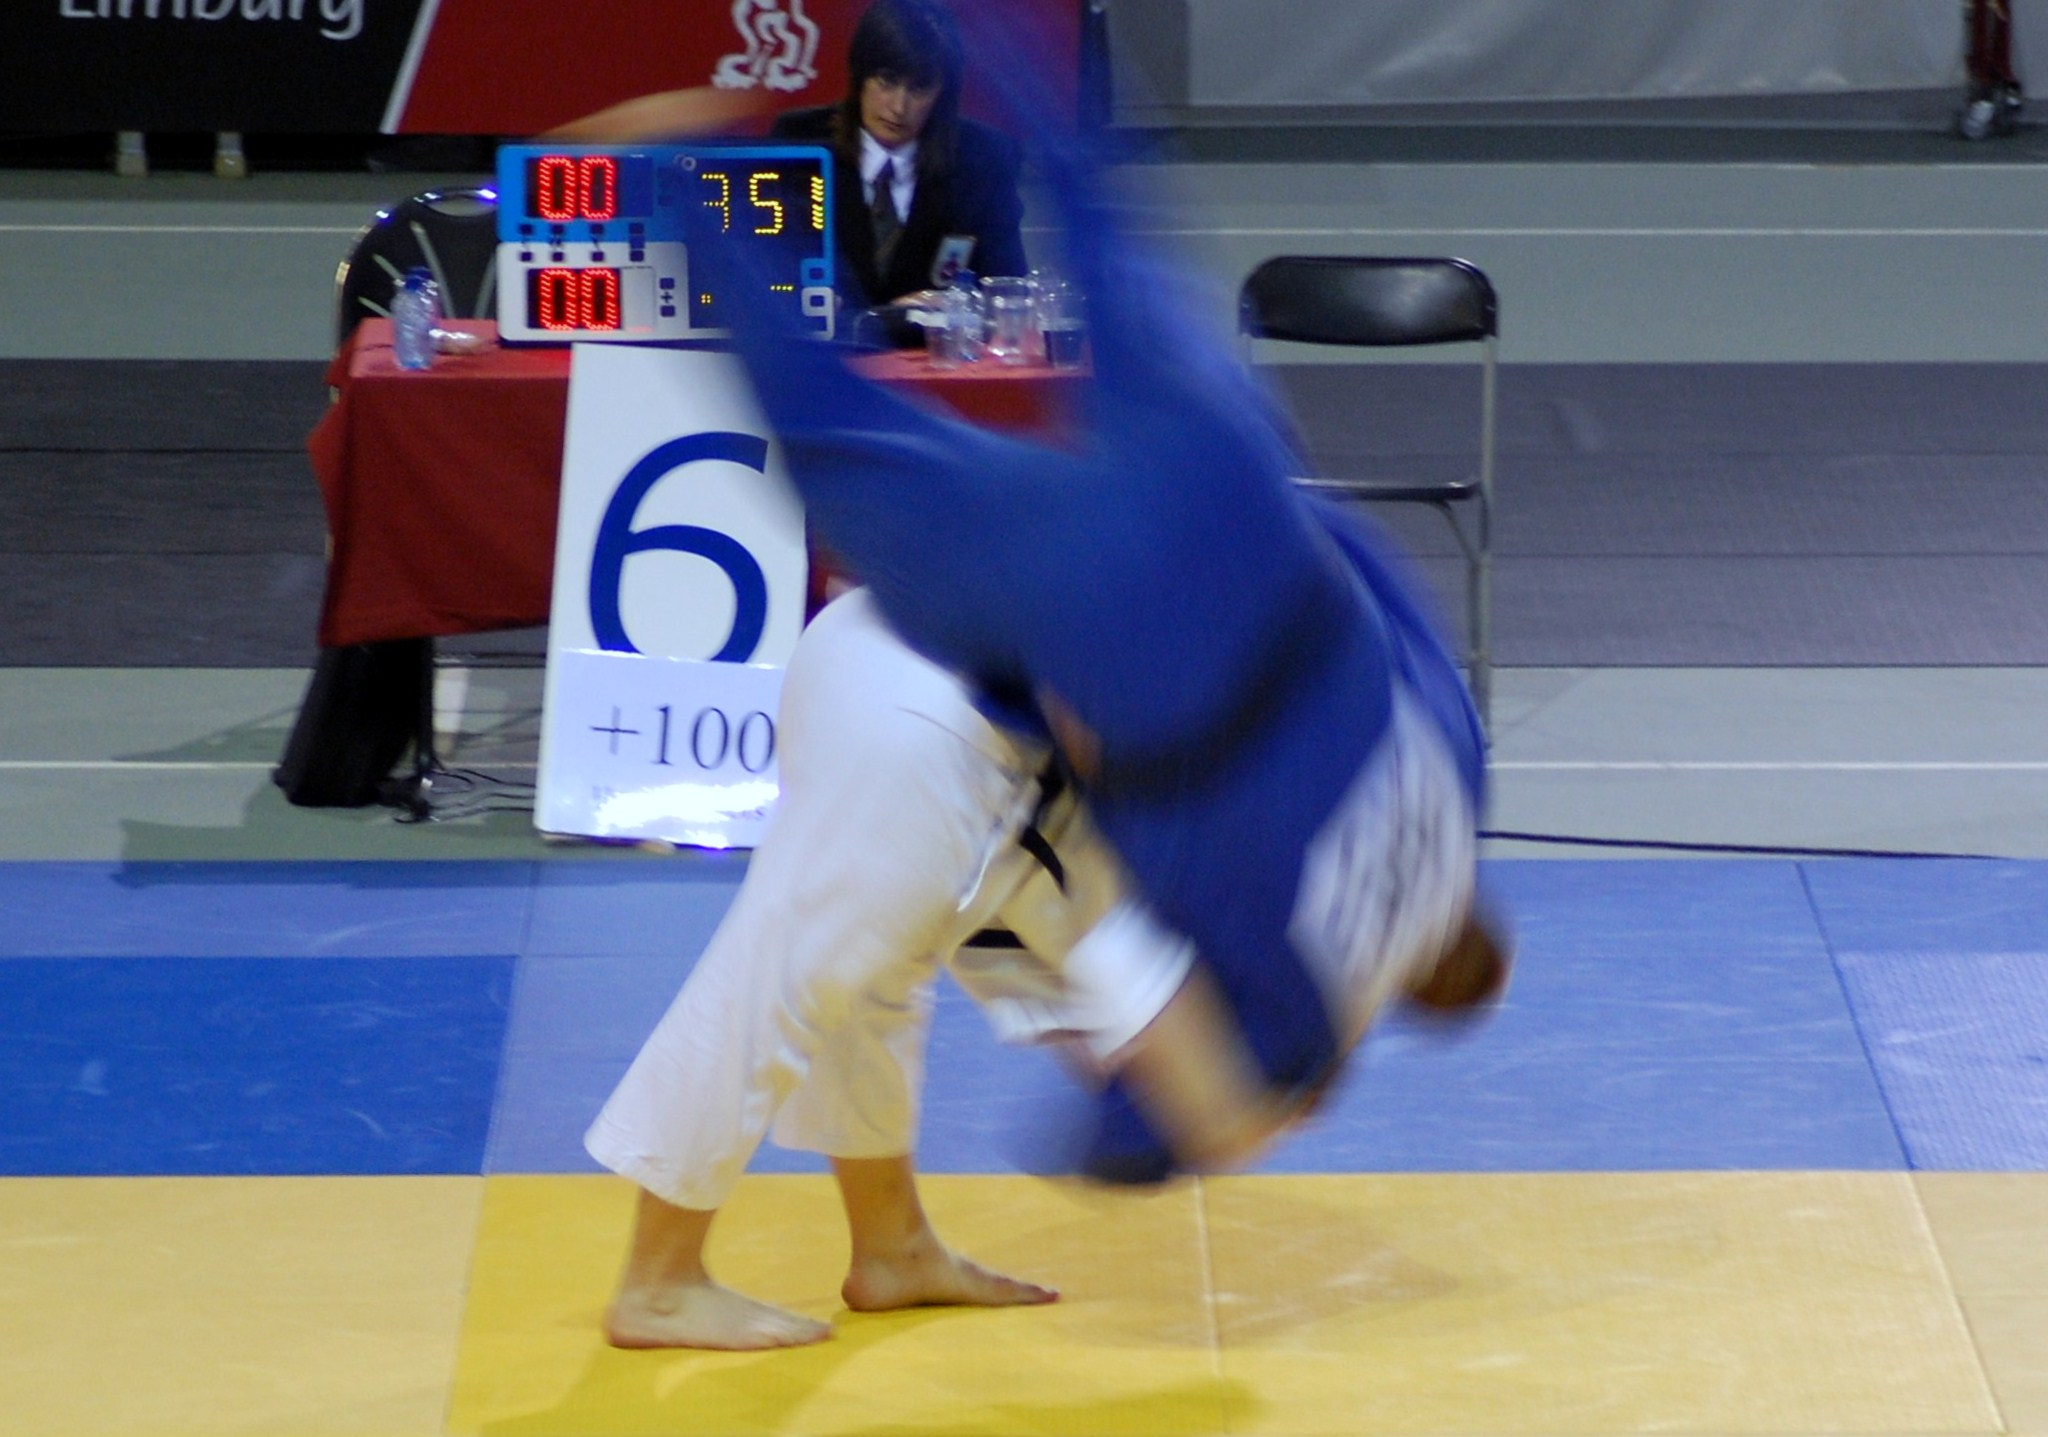 Judo jako sport